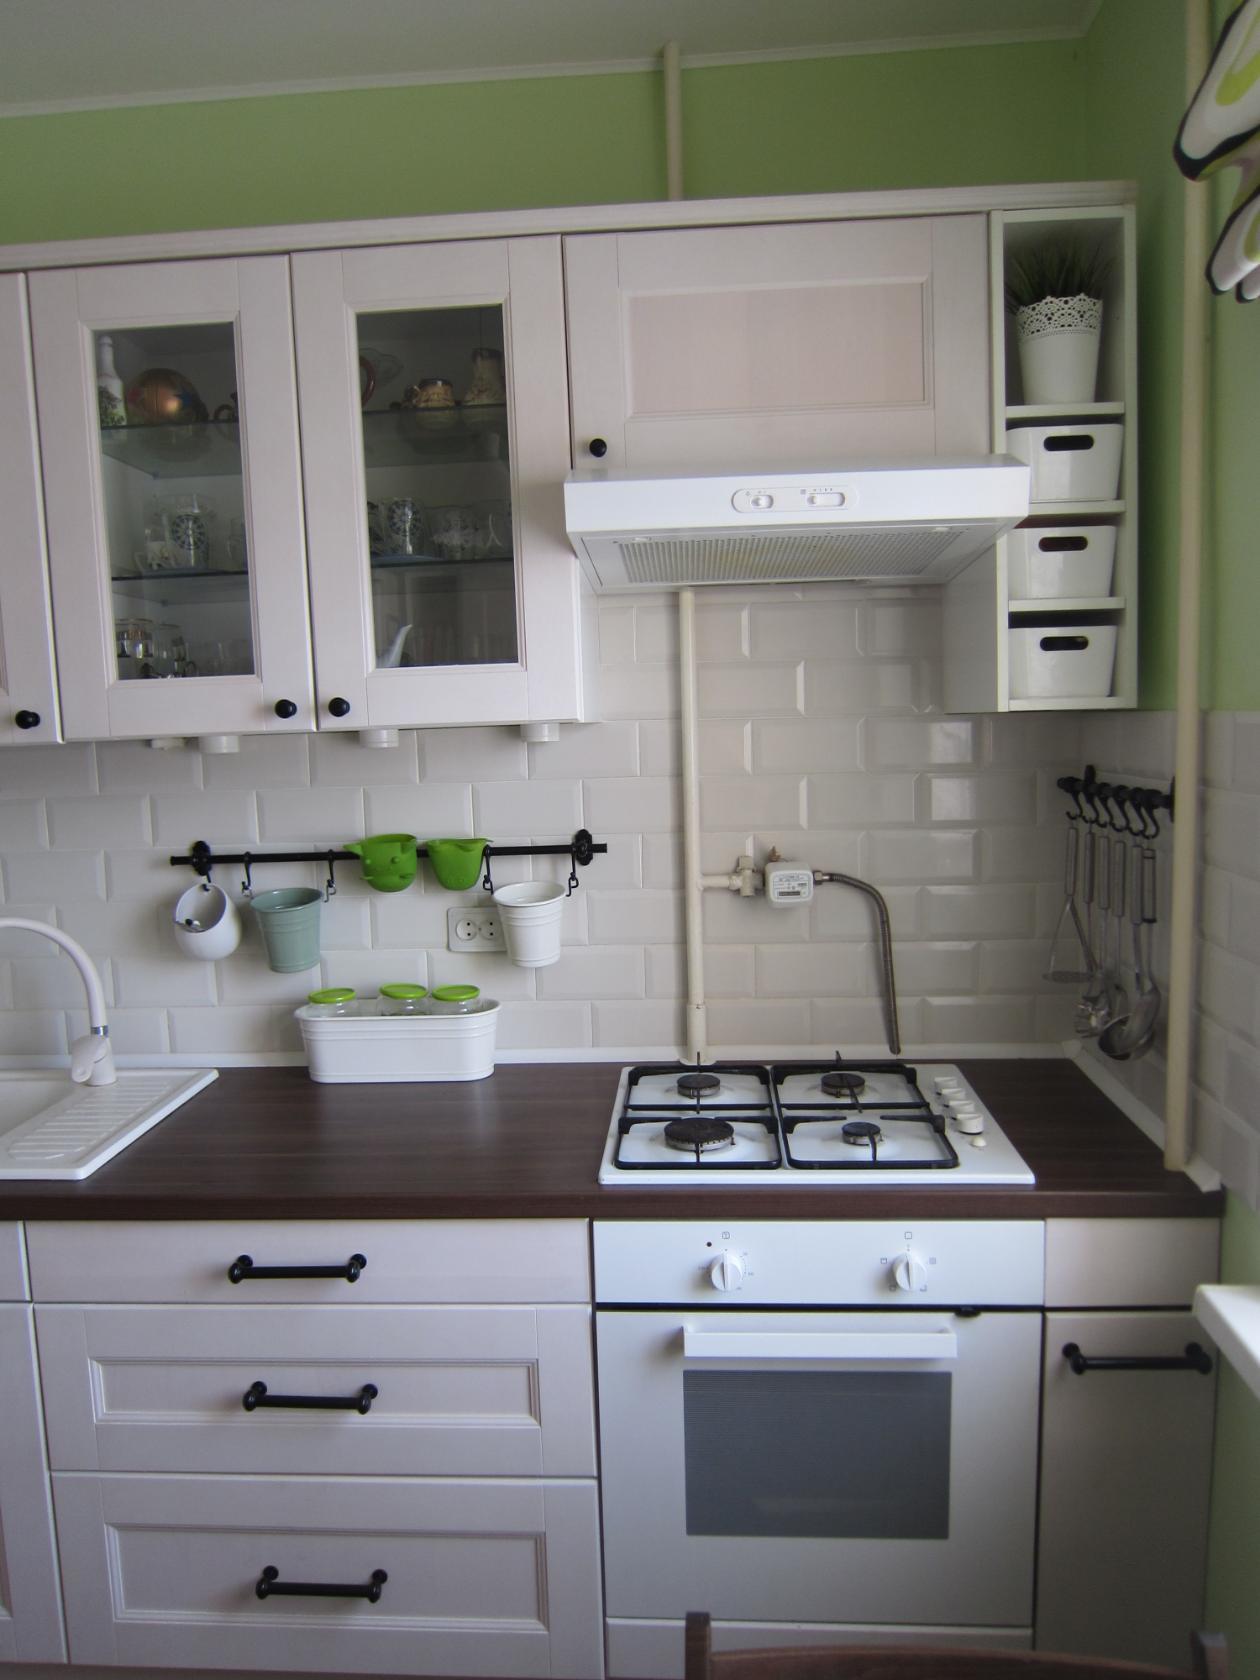 Рейлинги (рейлинговые системы) для кухни - 120 фото новинок + инструкция